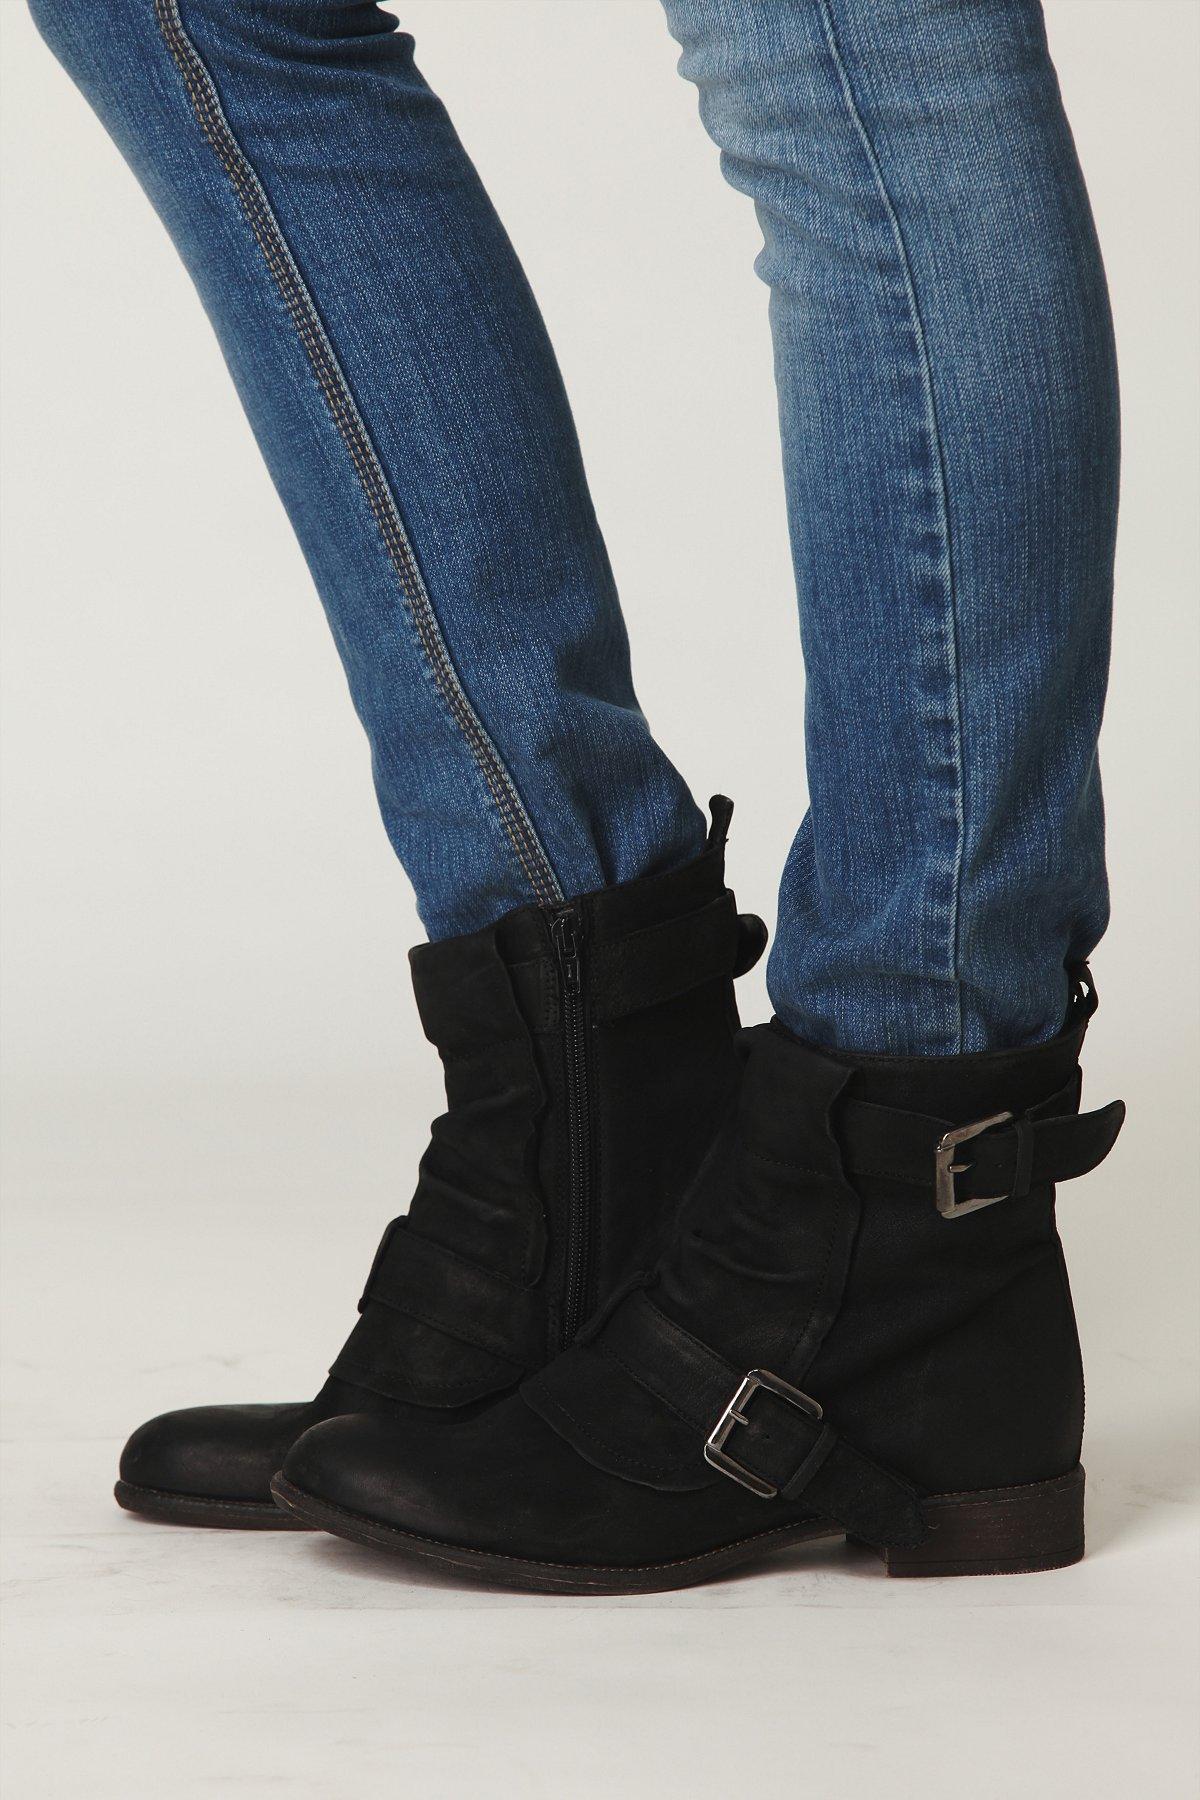 Ventura Buckle Boot